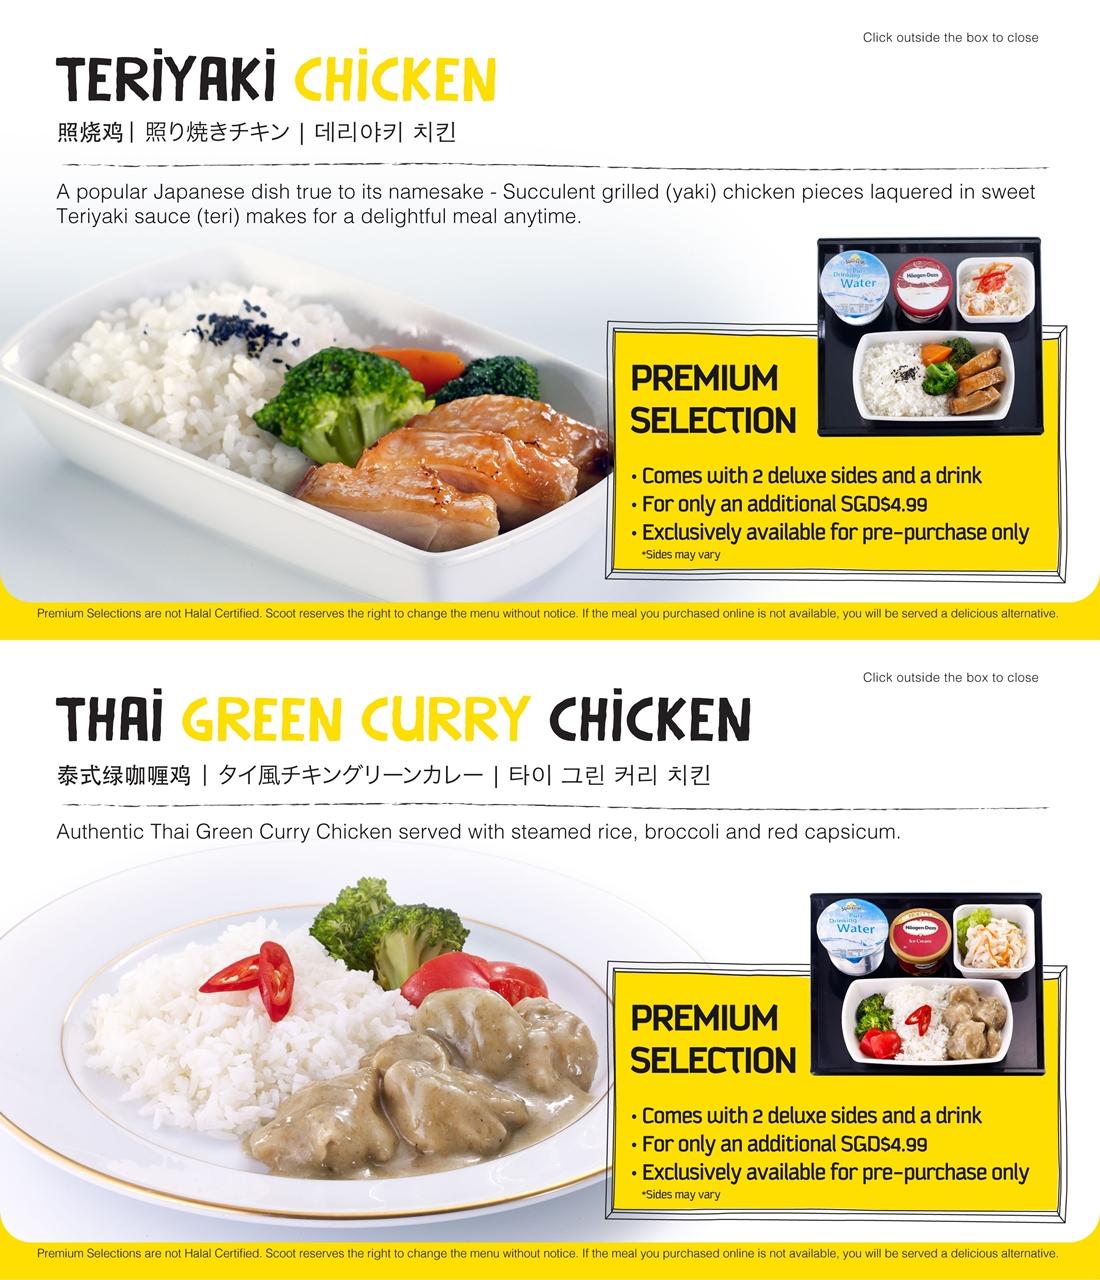 nokscoot-in-flight-premium-menu-teriyaki-chicken-and-thai-green-curry-chicken